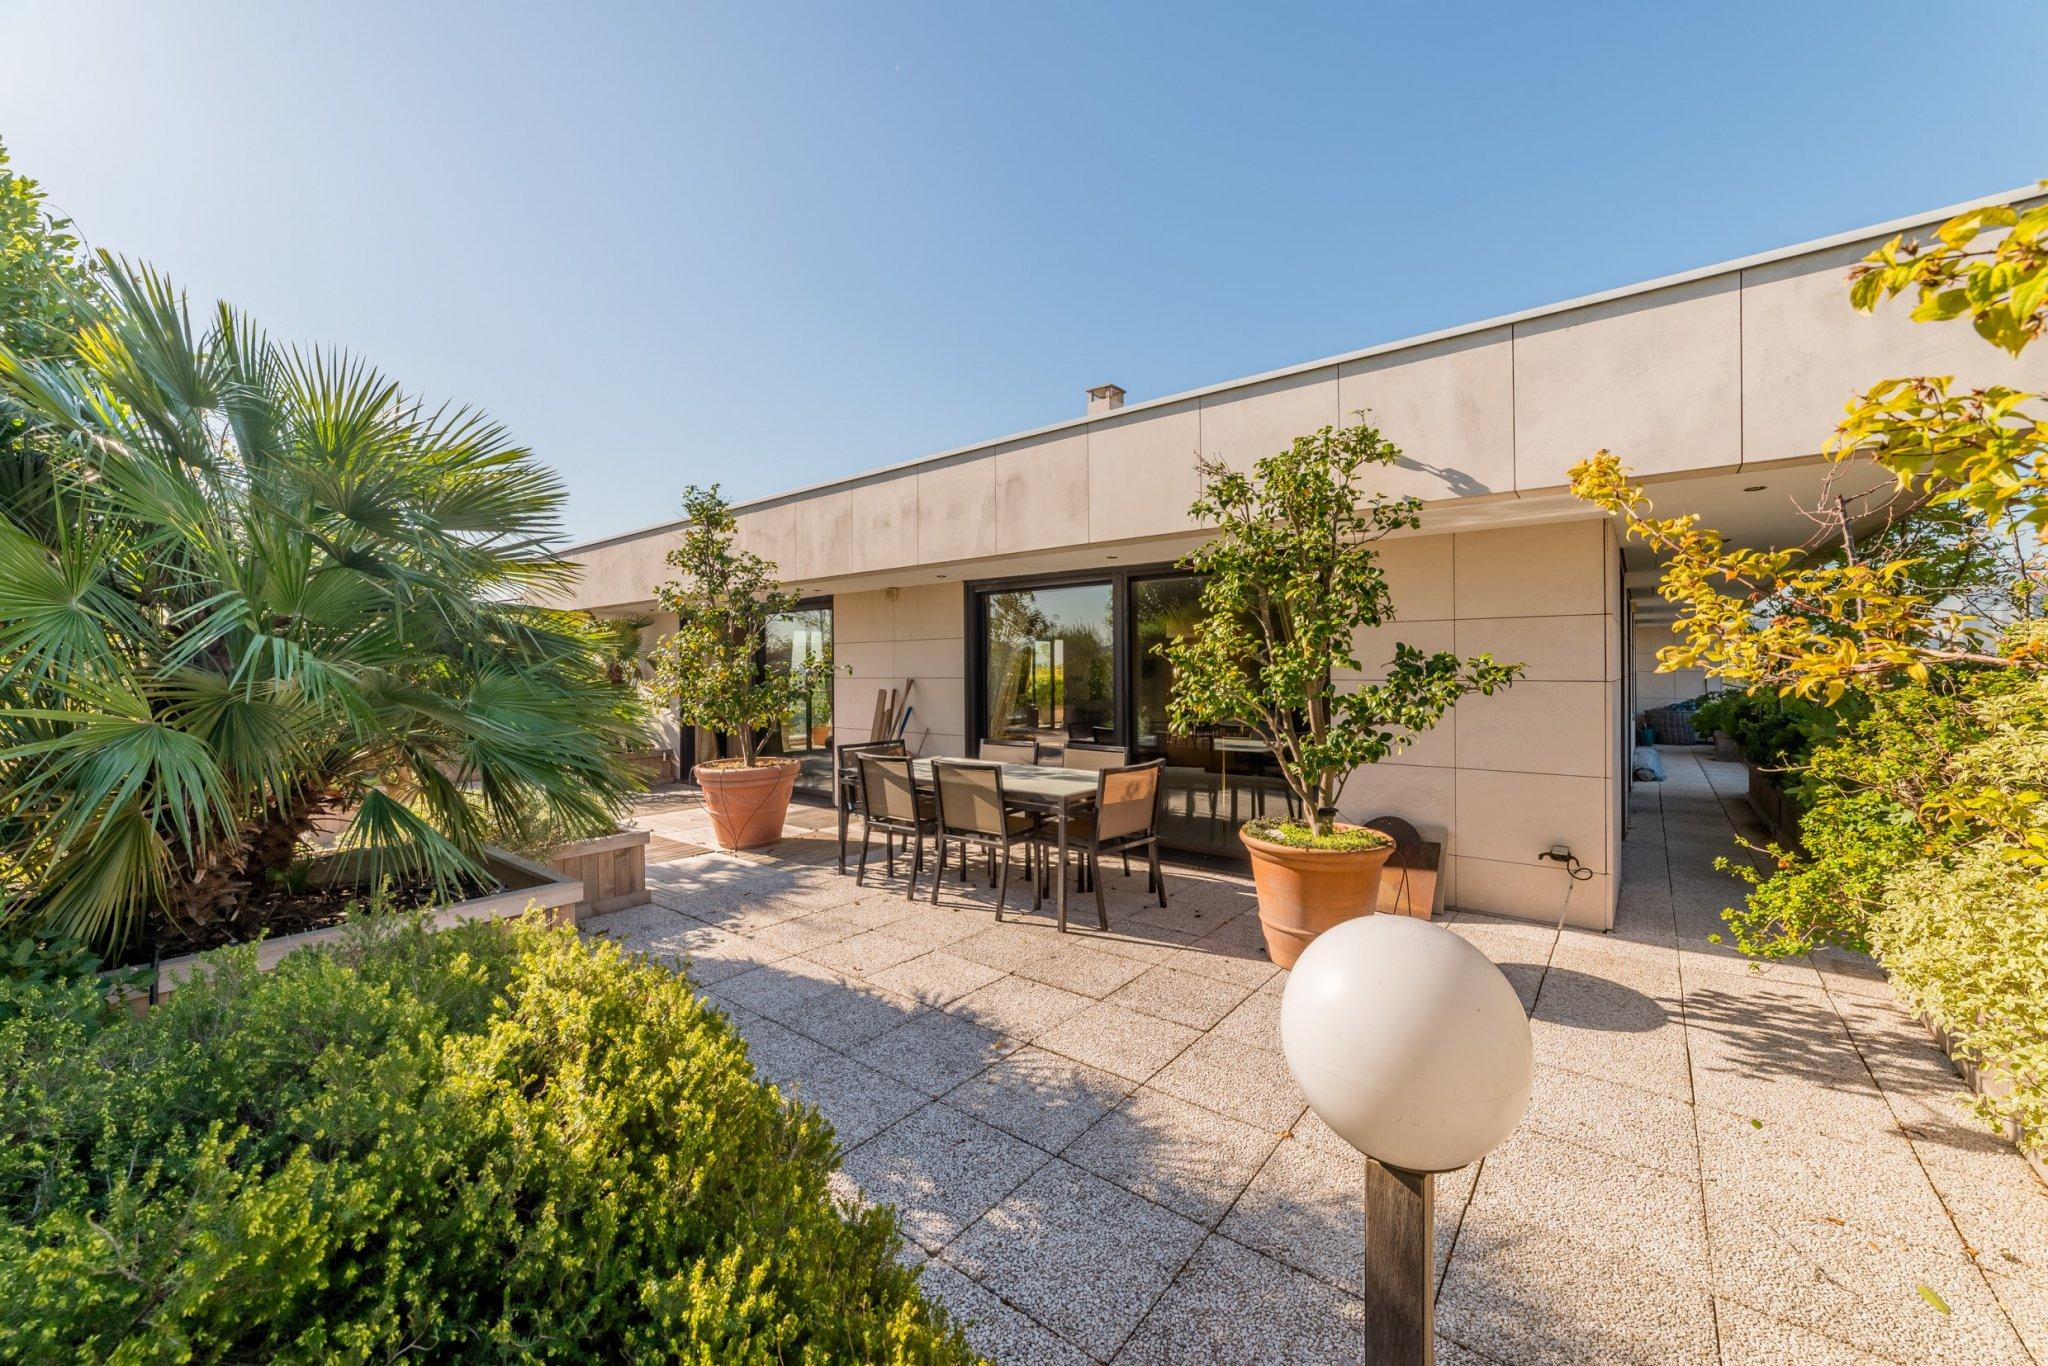 Paris / Penthouse. 270sqm. Terrace 300sqm. Price 4790000€